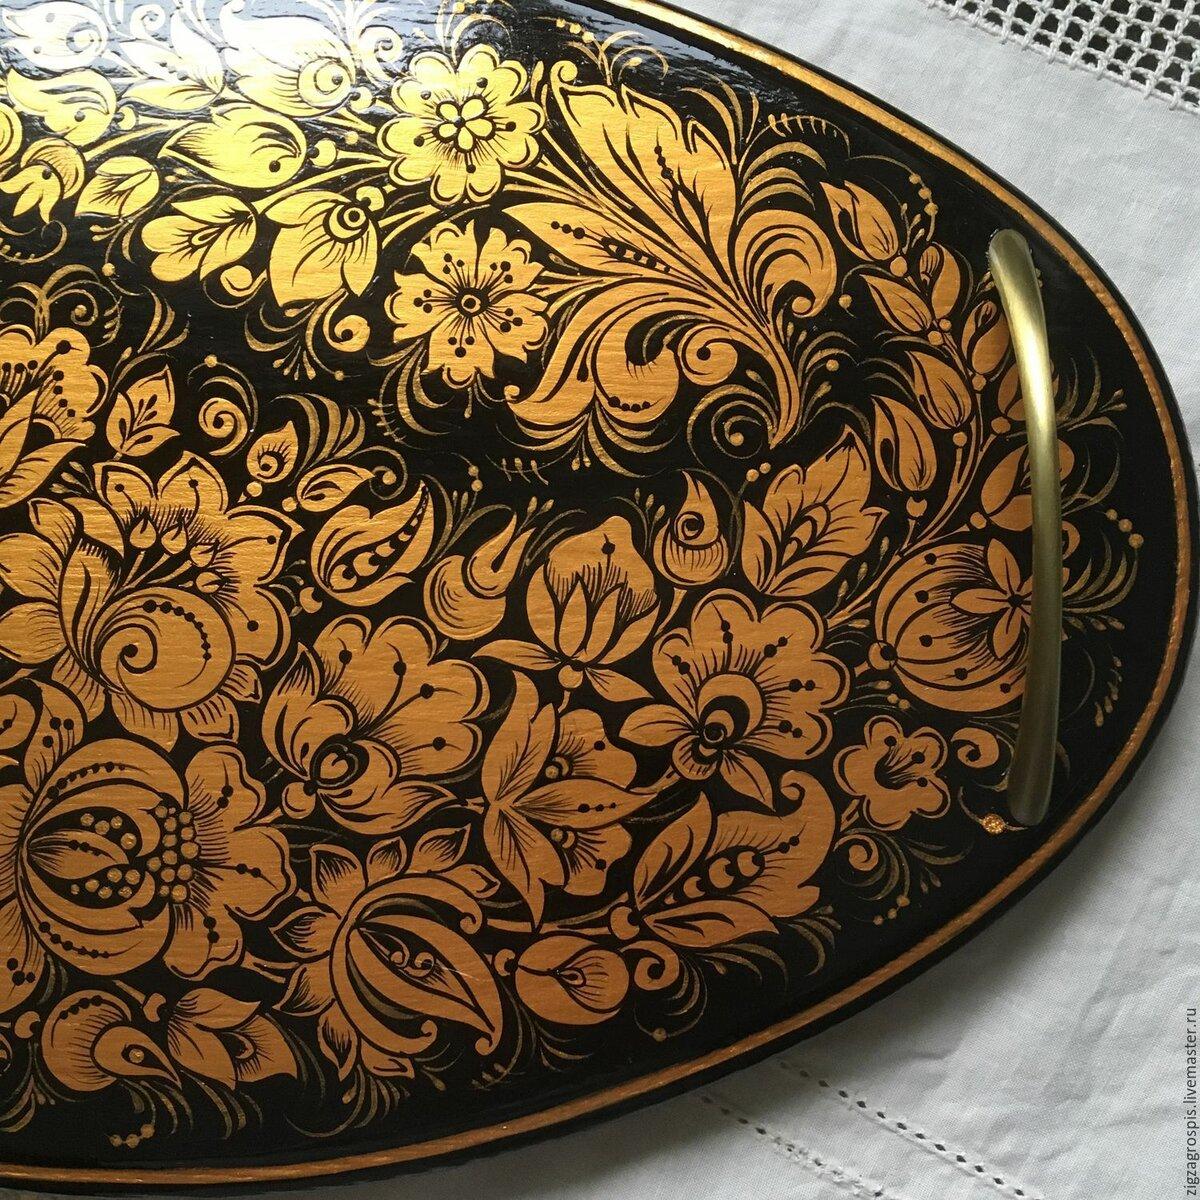 Золотая роспись картинки